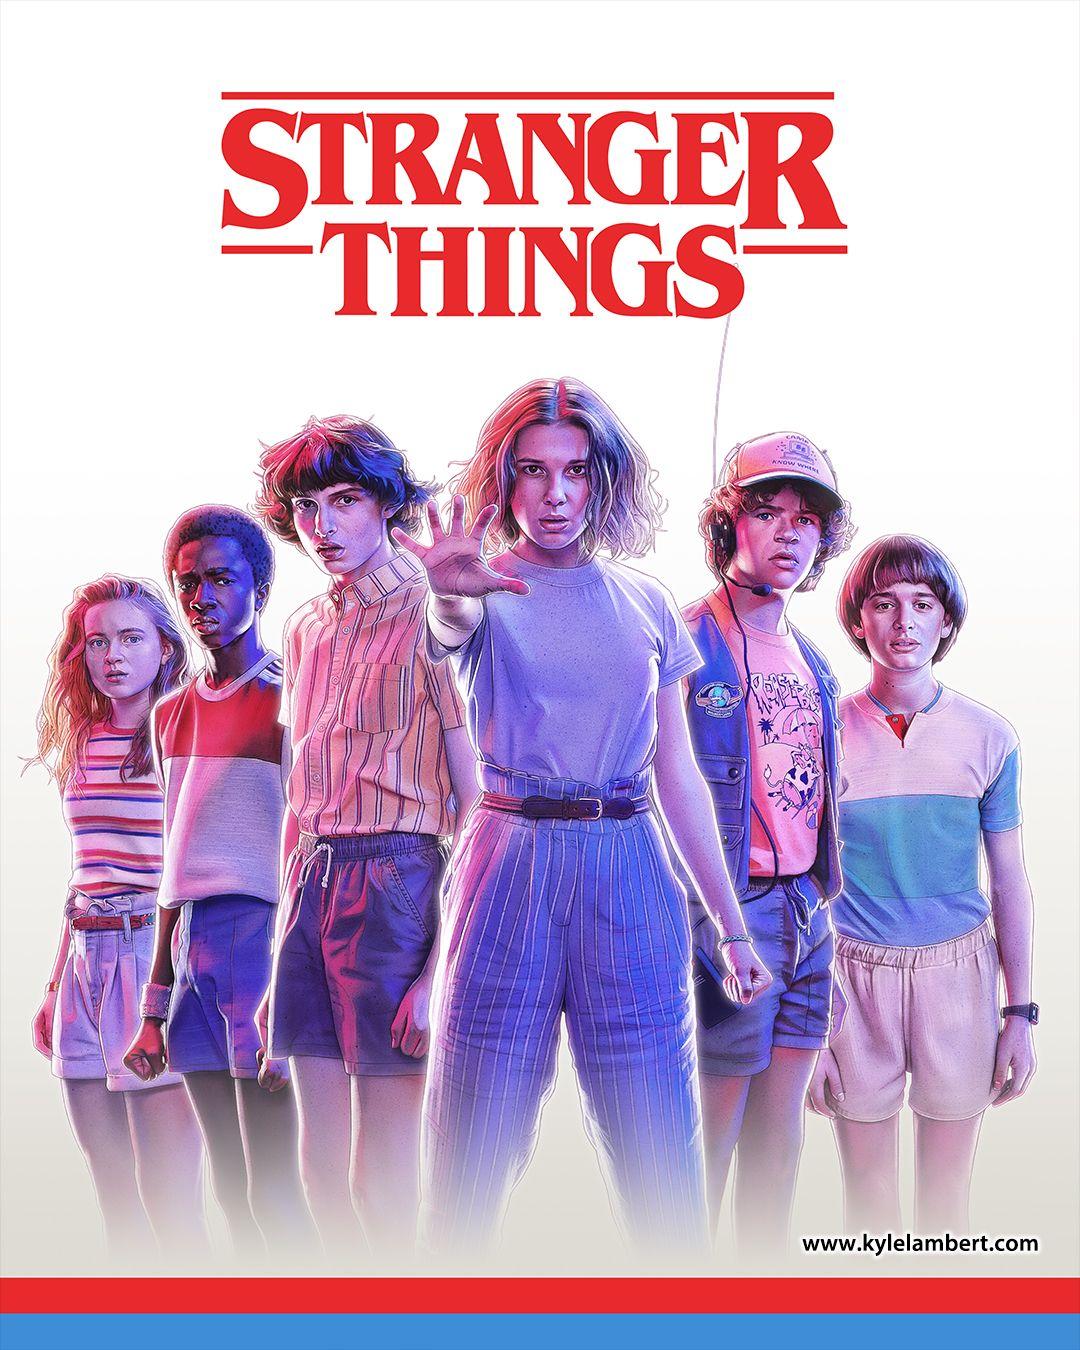 Stranger Things 3 - Merchandise & Packaging Art